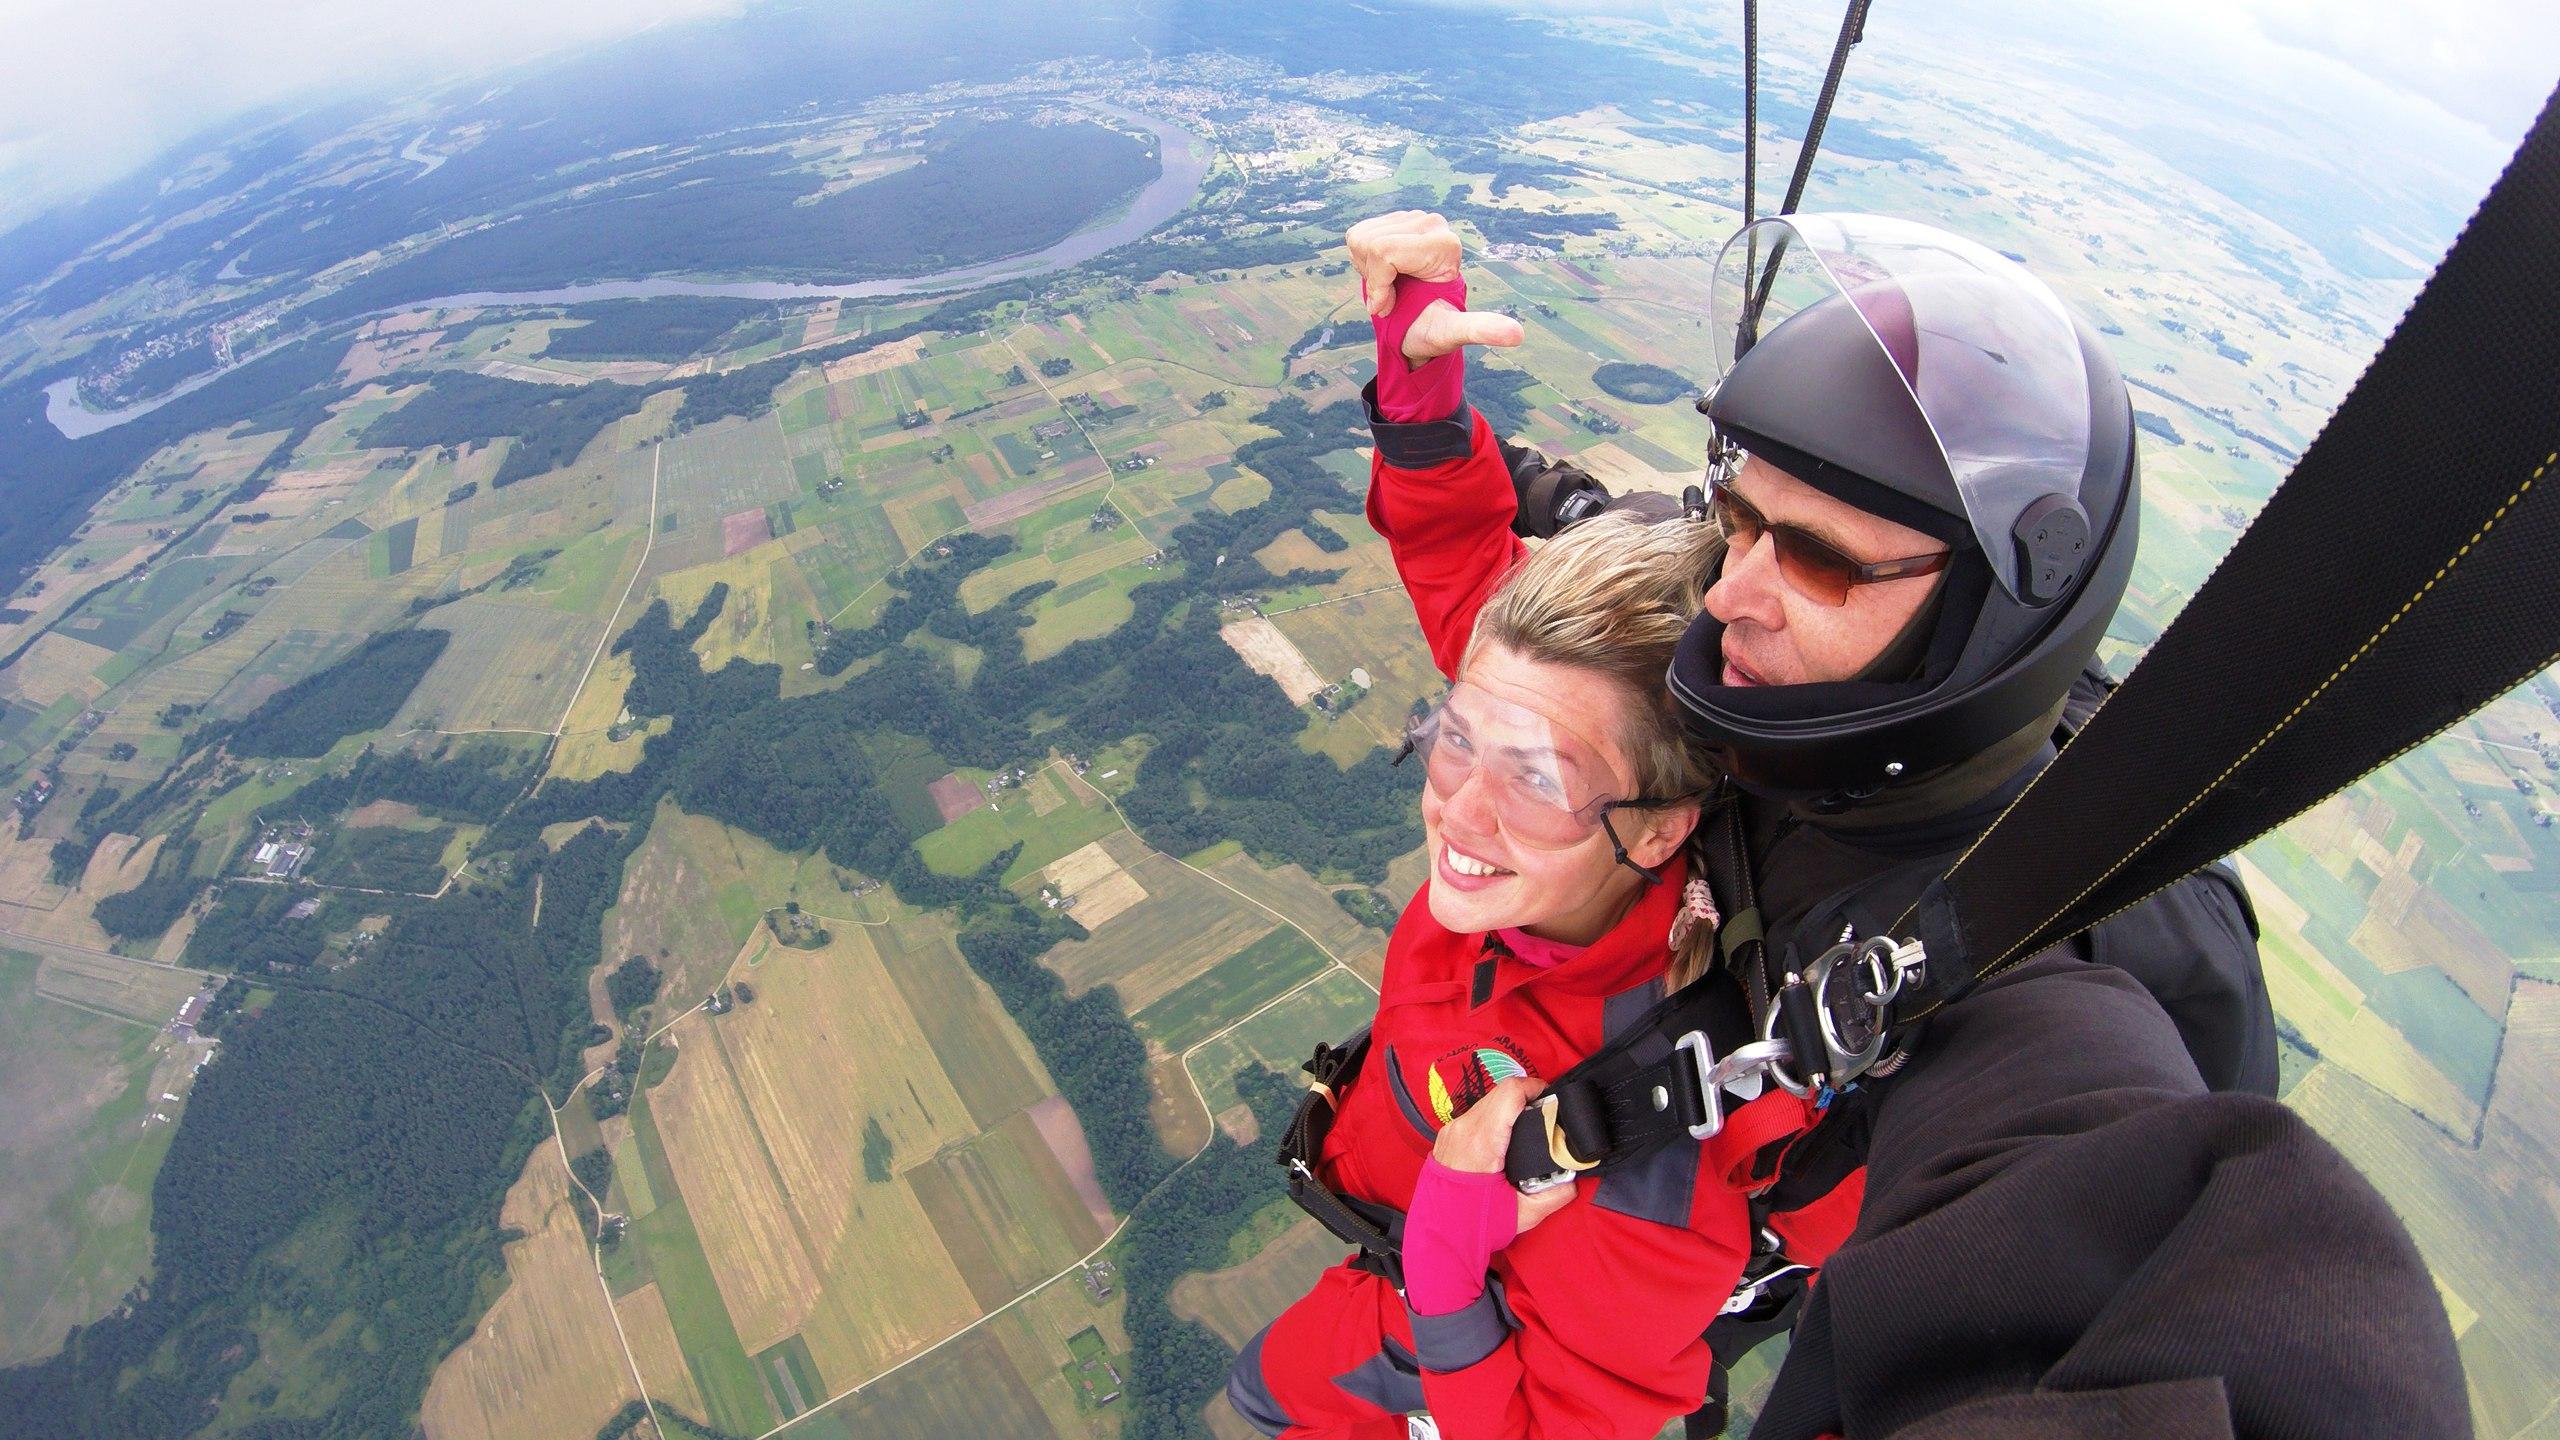 из калининграда в литву поцюняй прыгать с парашютом